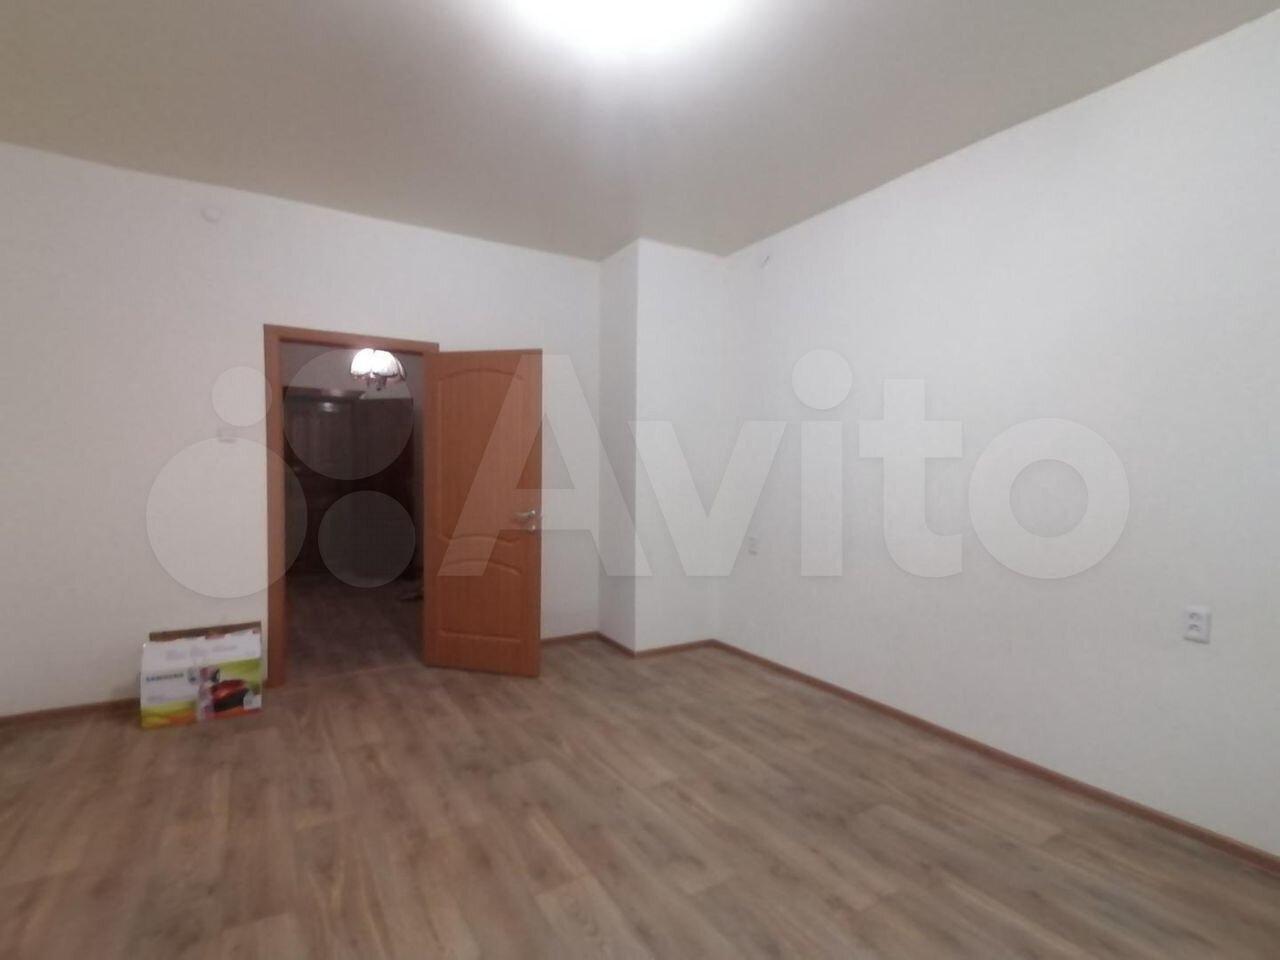 2-к квартира, 60 м², 1/4 эт.  89127016823 купить 4